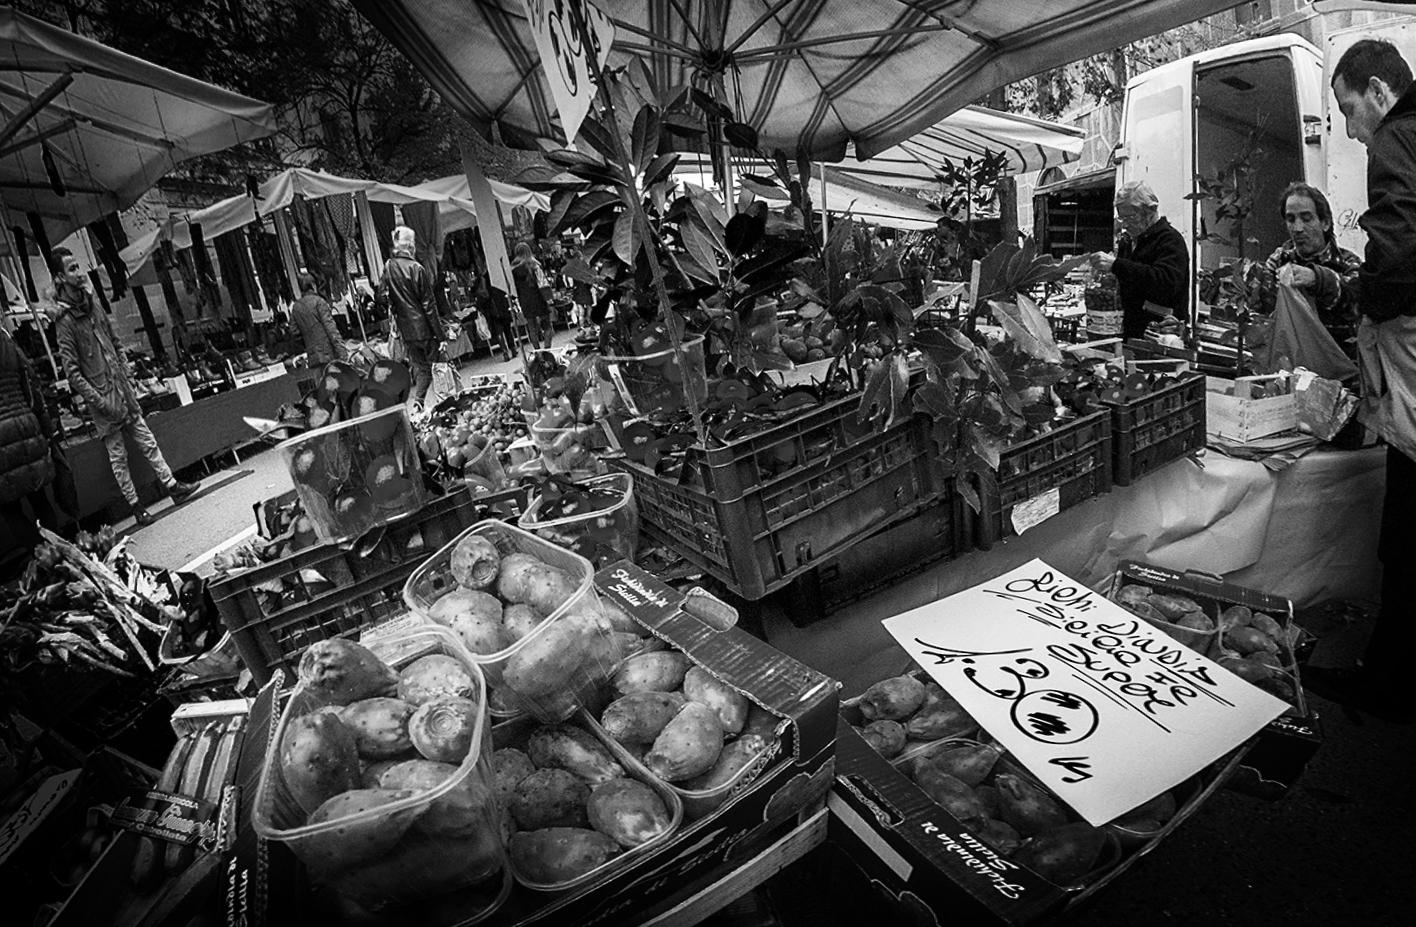 MILUNA-Ewa-Milun-Walczak-Na-Straganie-W-Dzien-targowy-Mediolan-Wlochy-bazar-targ-warzywa-ludzie-tlumy-reportaz-zakupy-7